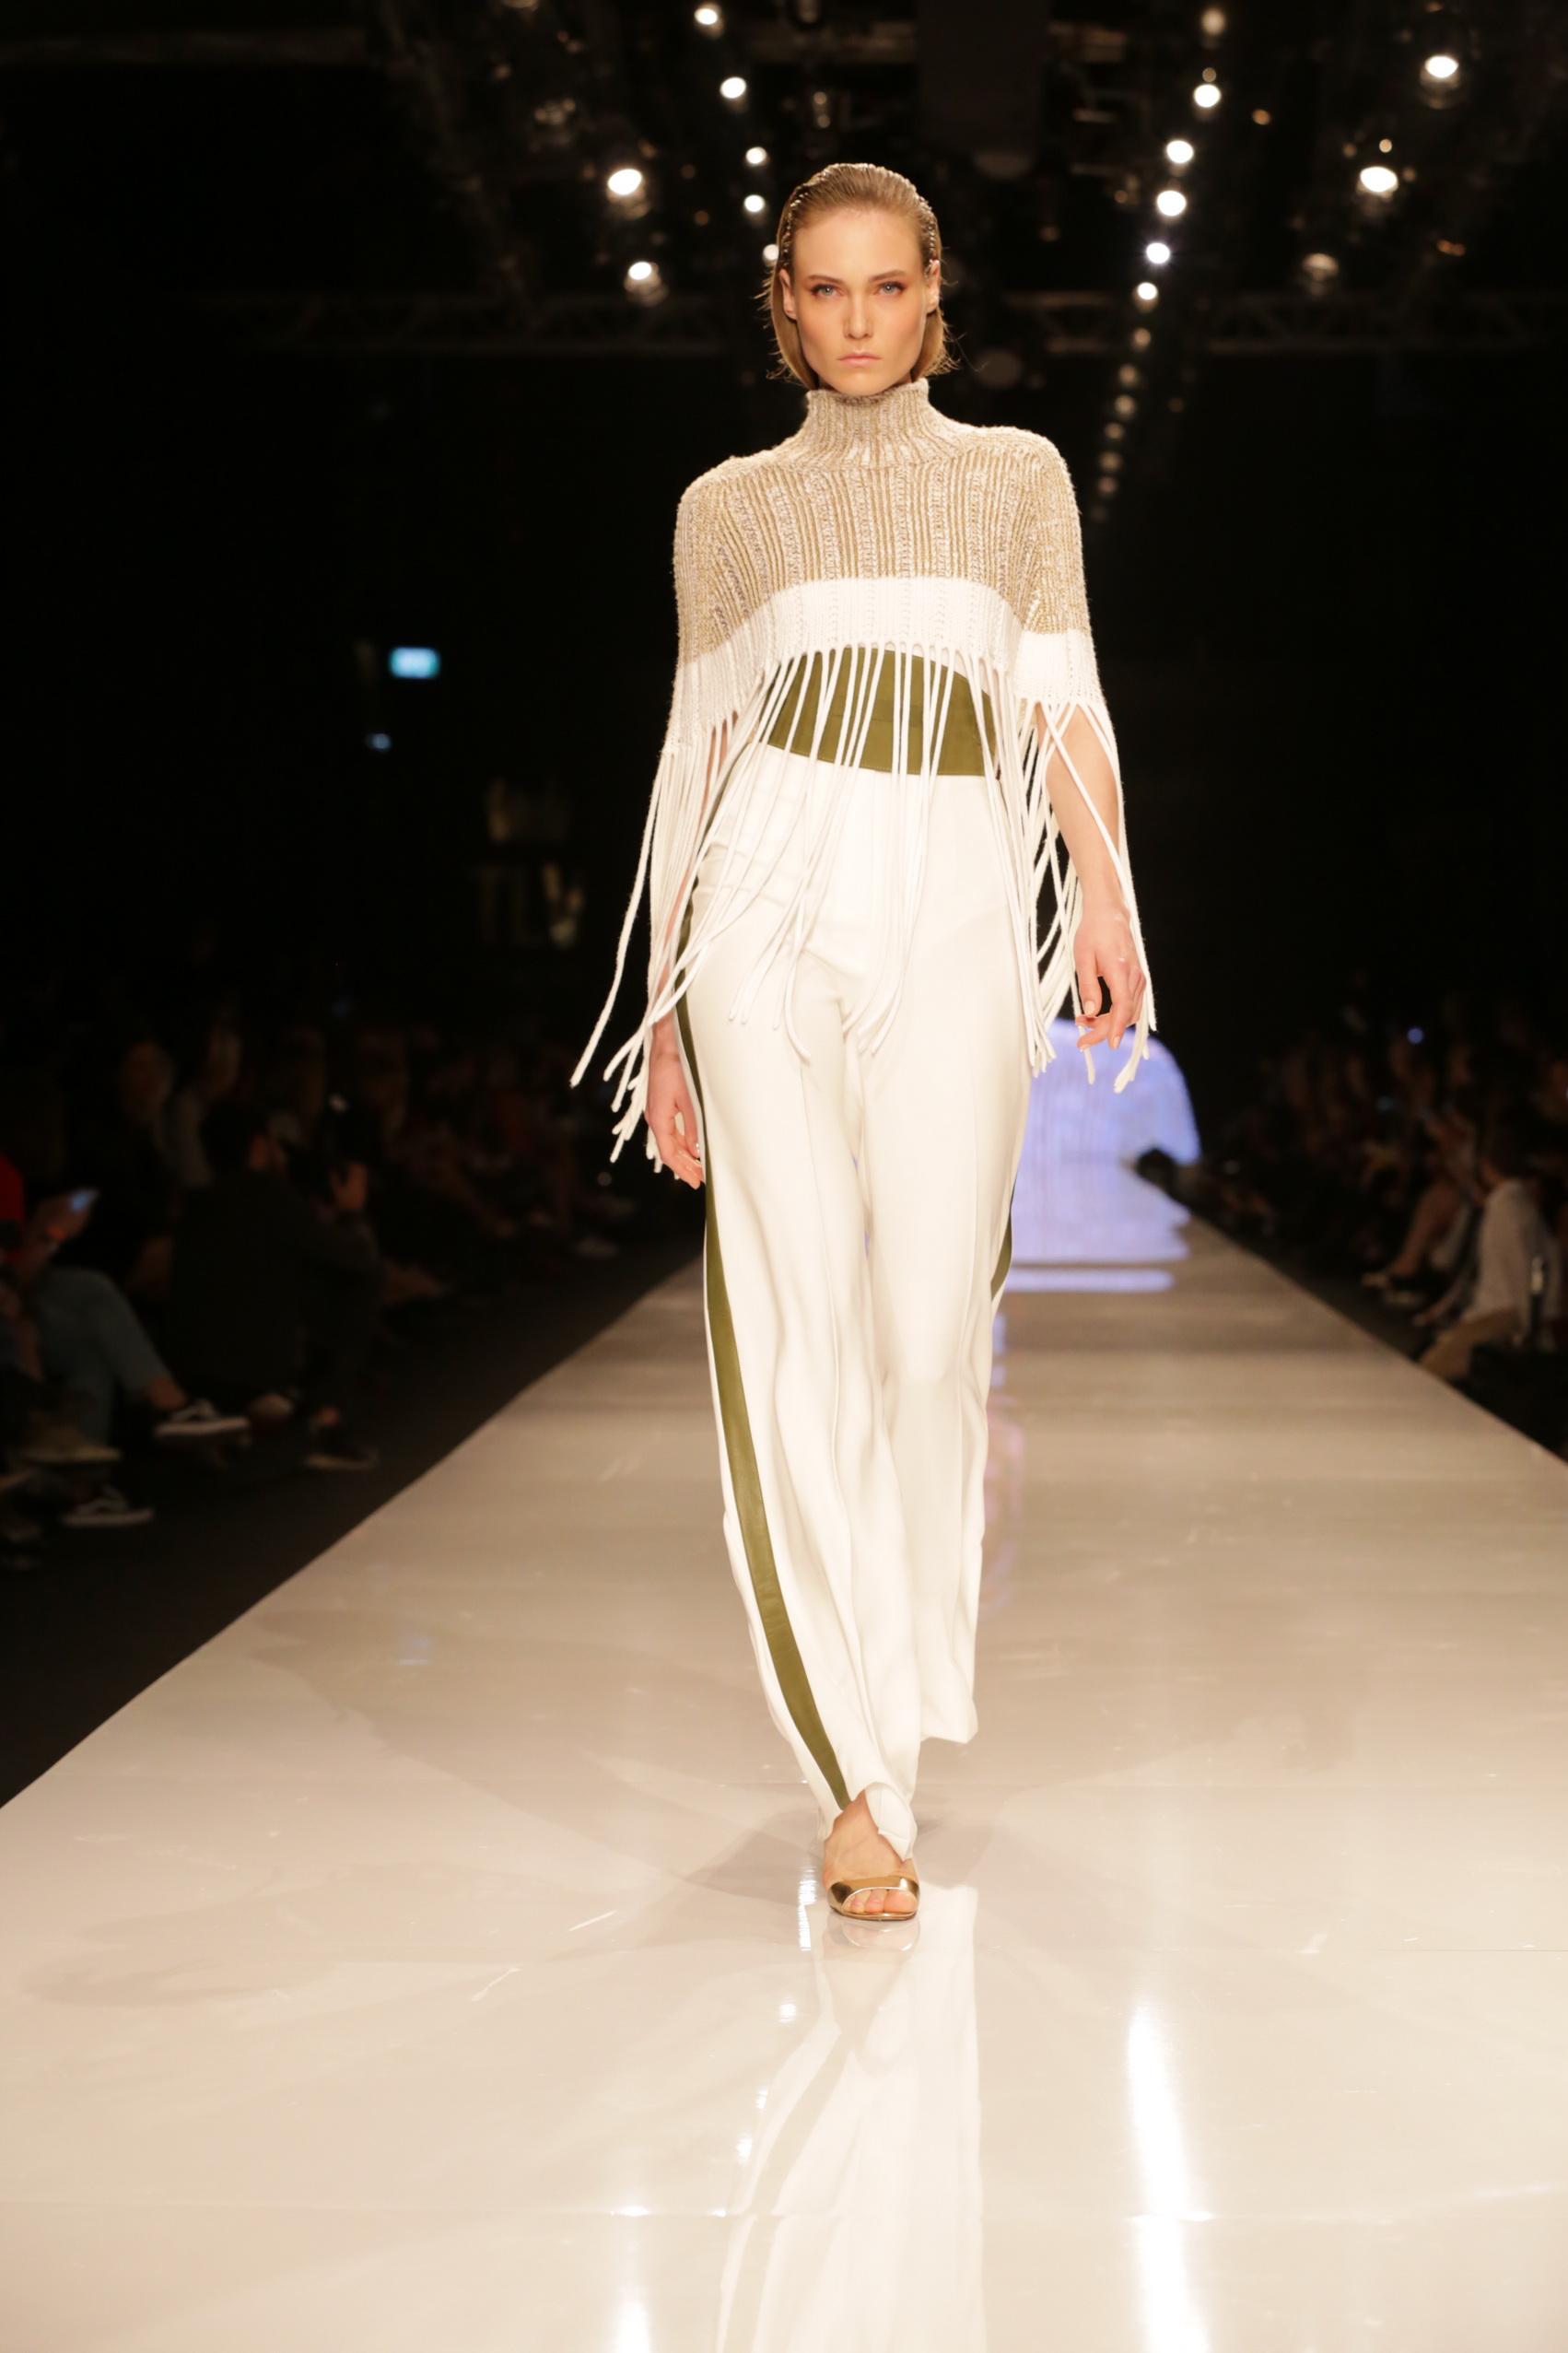 שי שלום בשבוע האופנה גינדי תל אביב(צילום: אבי ולדמן)